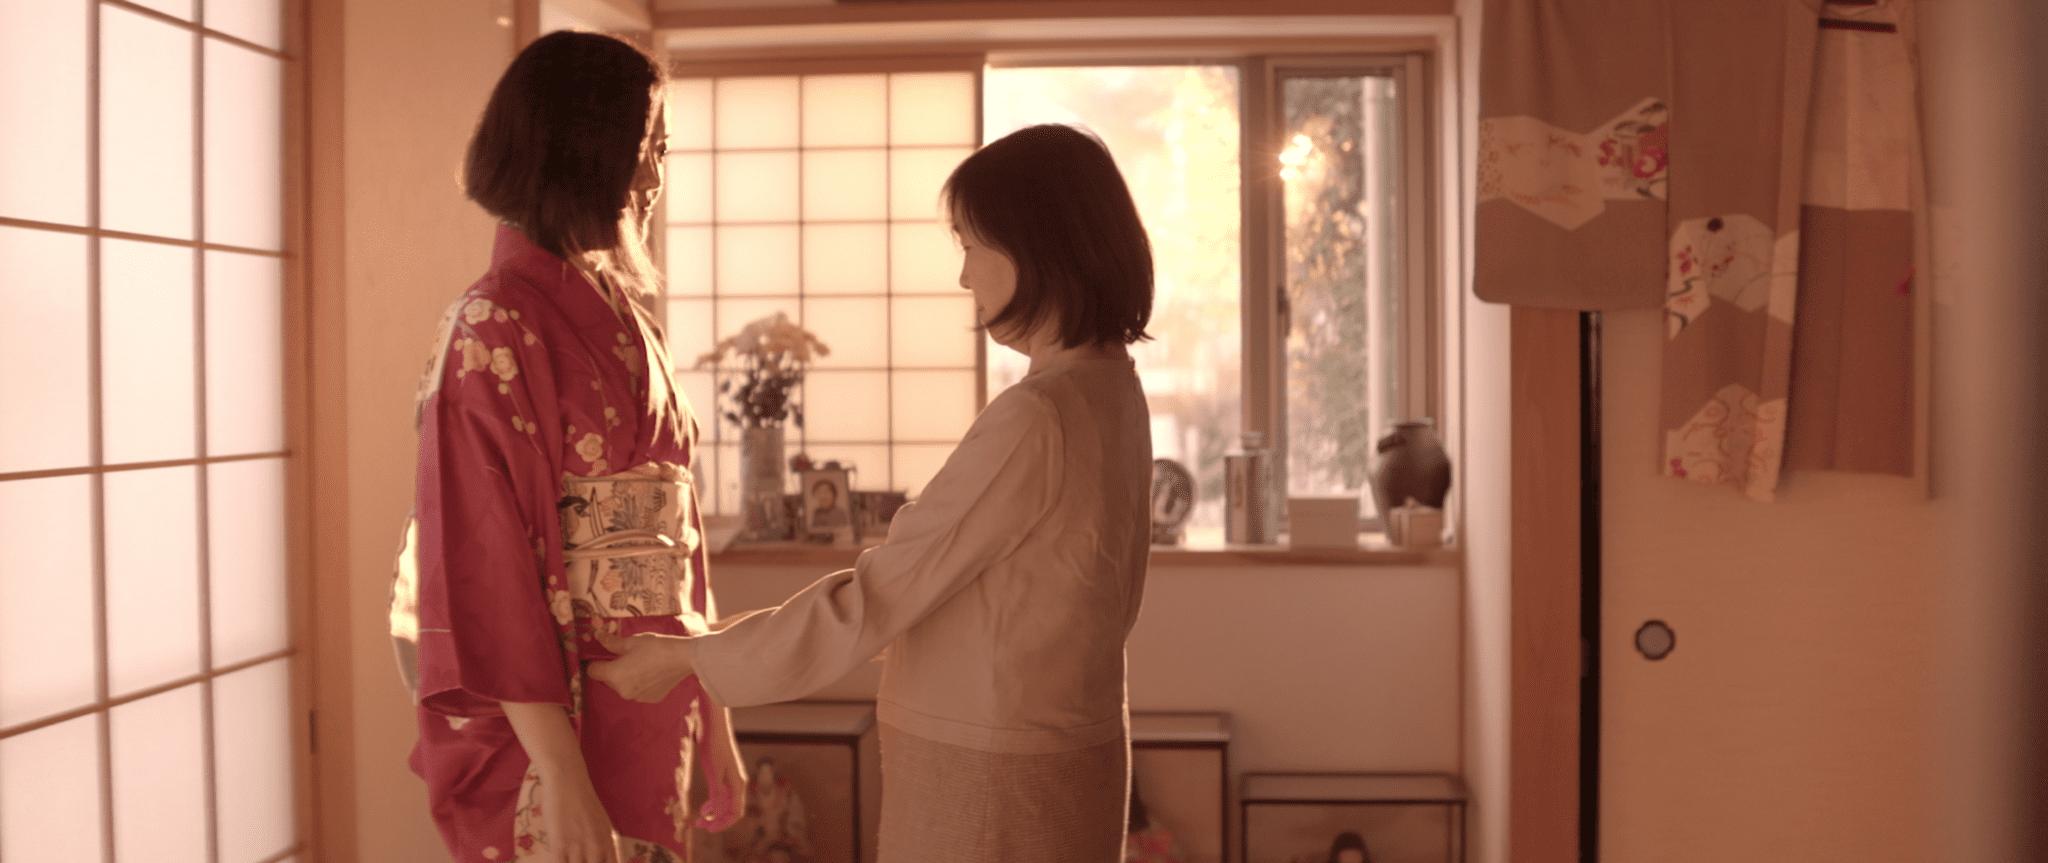 Review Of Kana Hatakeyama's Okaasan (mom)